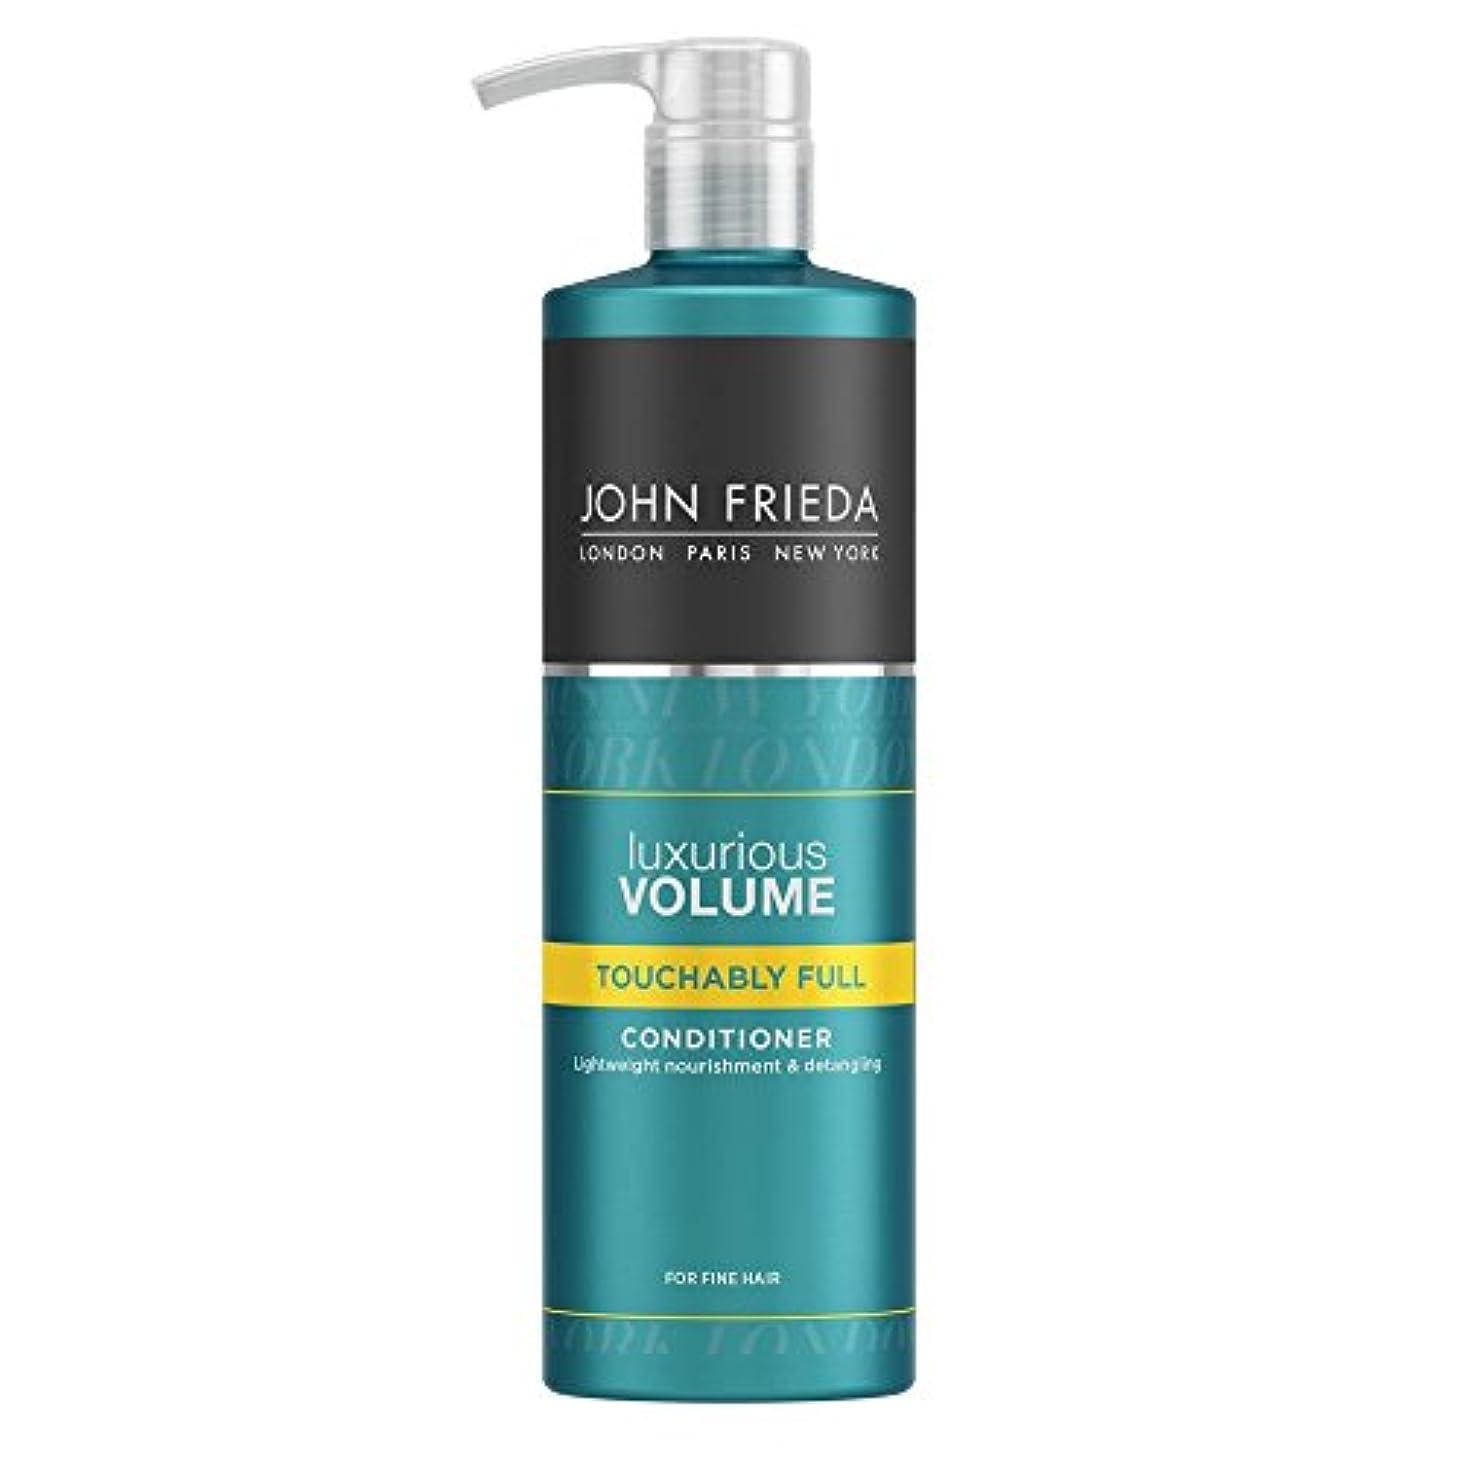 浸した移植店員John Frieda Luxurious Volume Touchably Full Conditioner 500ml